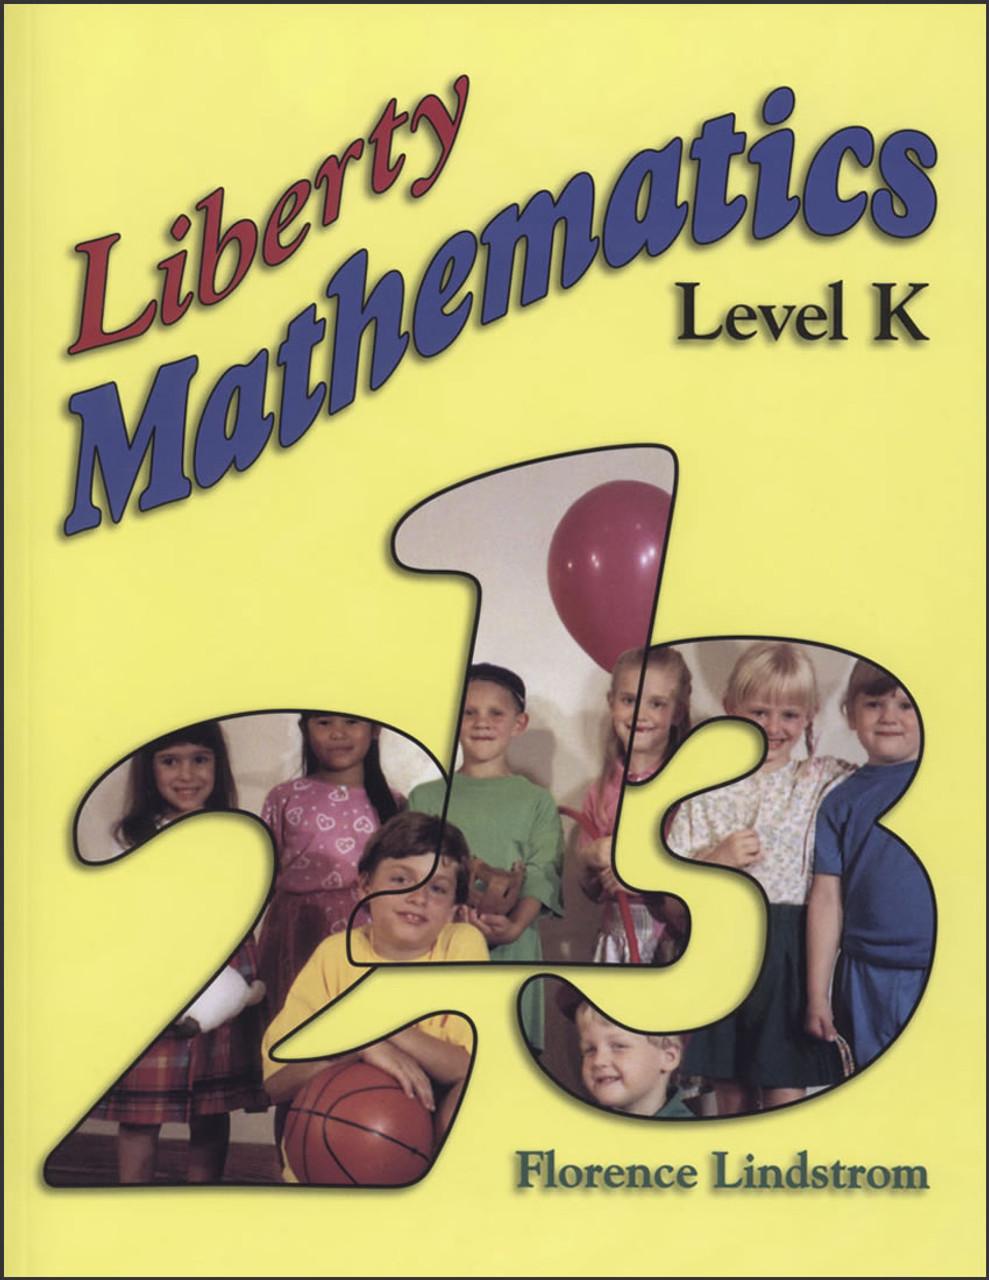 Liberty Mathematics: Level K